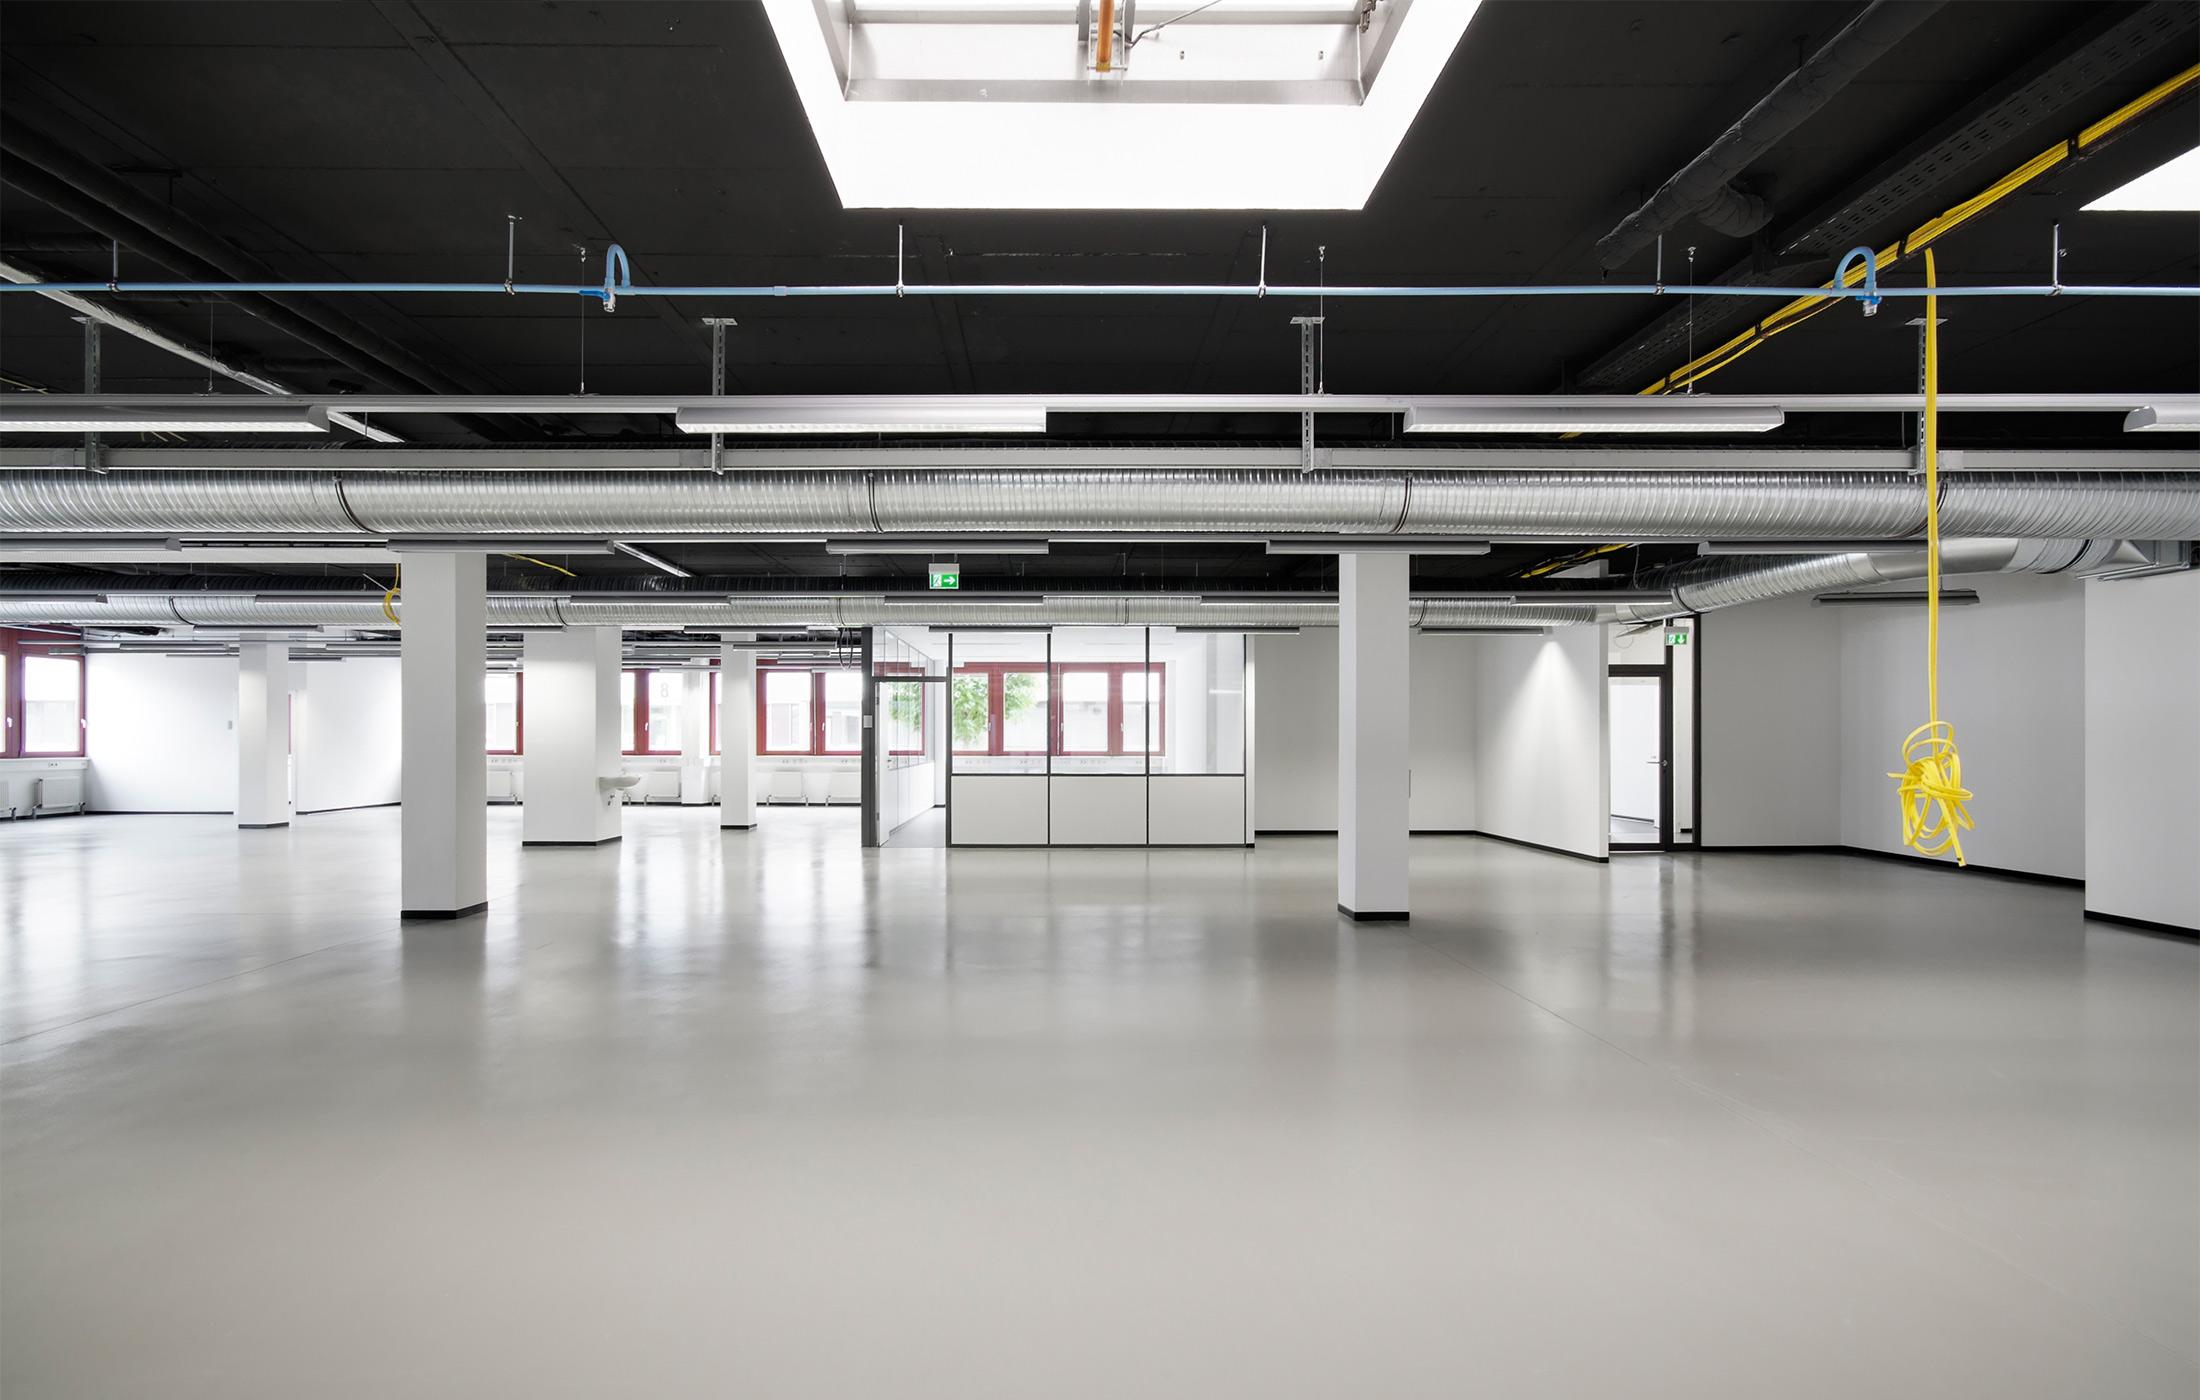 2012, Umbau Schul- und Ausbildungsstätte BfW Schömberg, Holderpark Stuttgart